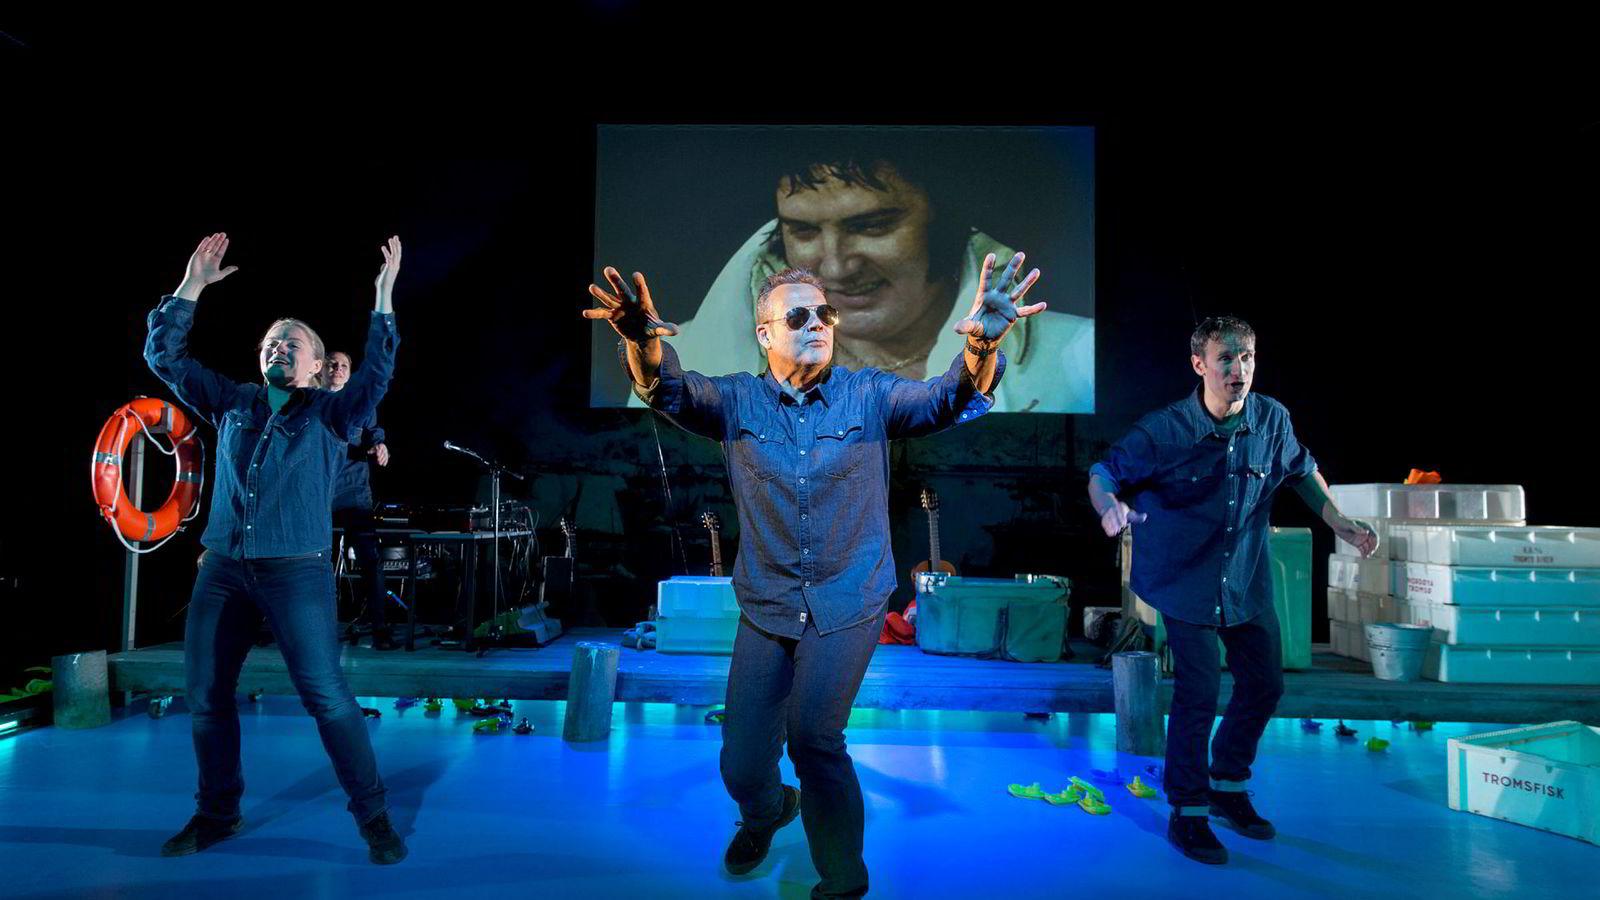 Skuespiller Ketil Høegh (i midten) spiller Kjell Inge Røkke med solbriller i teaterstykket «Blå åker» på Hedda-dagene i Oslo denne uken. Til venstre skuespiller Jørn Fuller-Gee og til høyre skuespiller Trude Øines. Her synger de «No Regulation» basert på en Elvis-klassiker.